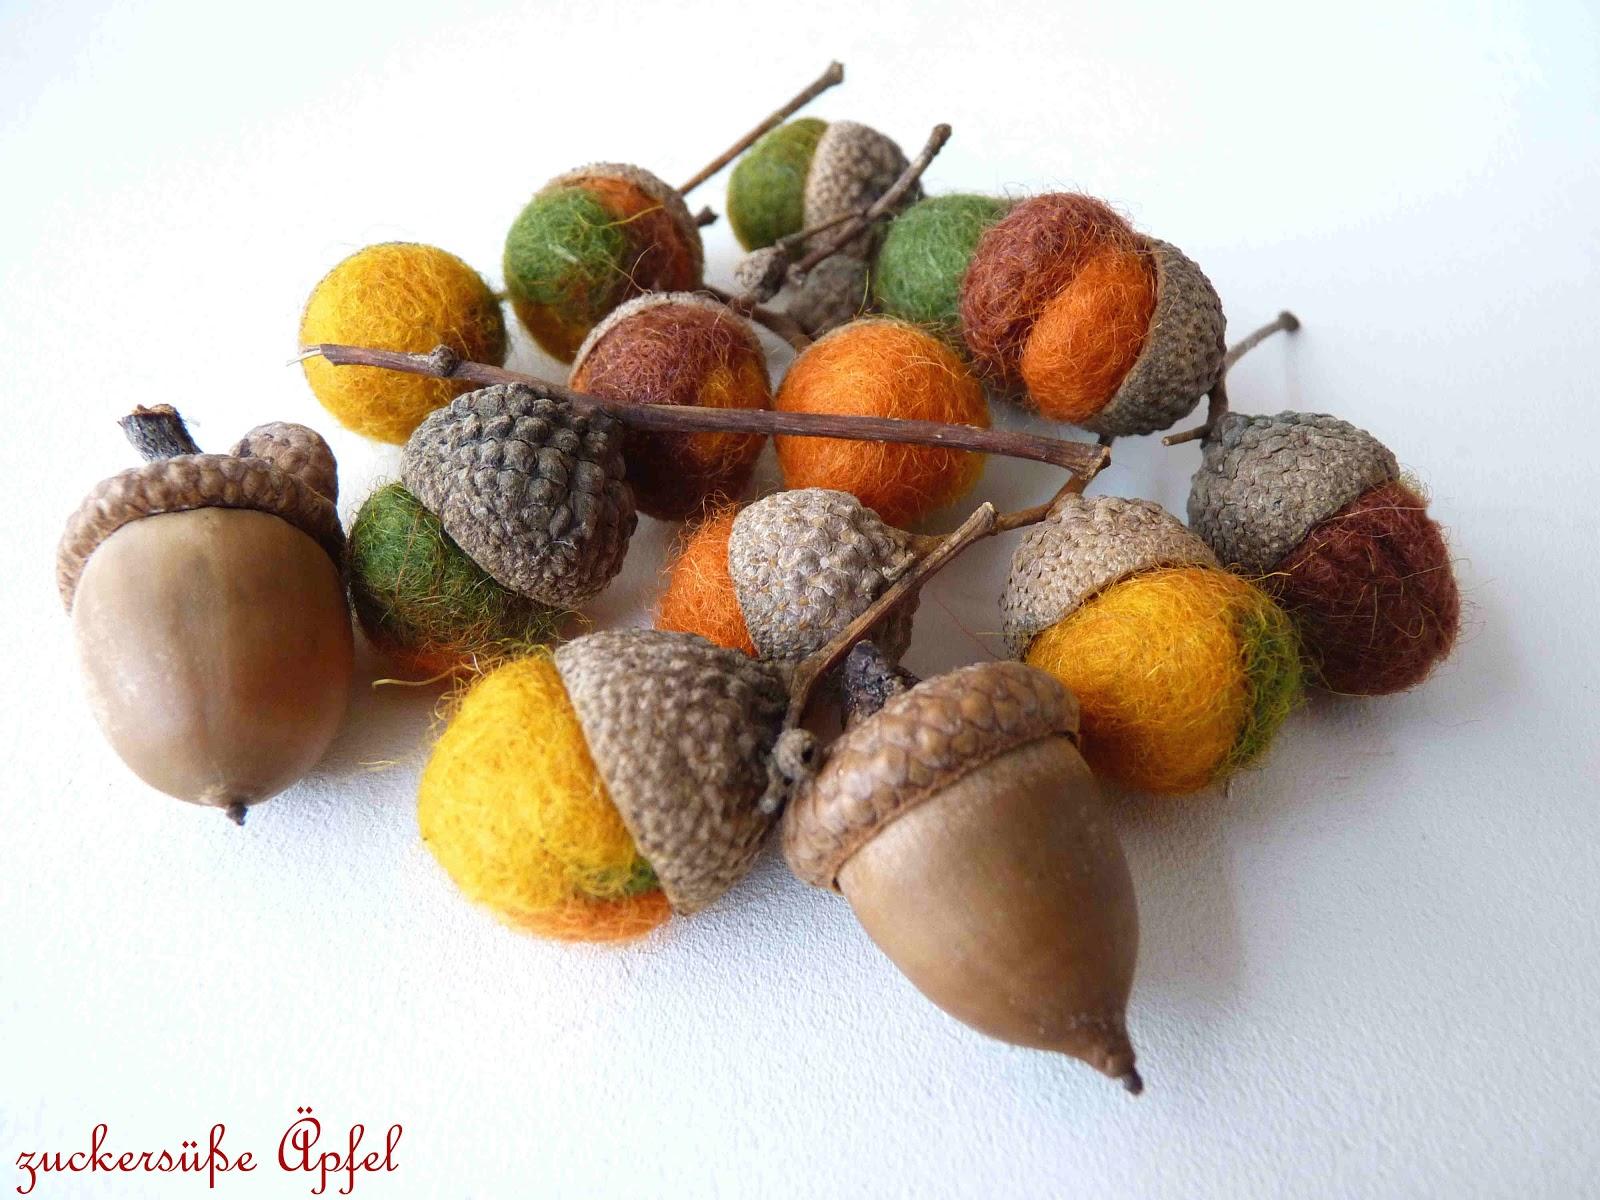 Eine Anleitung Zum Eicheln Selber Filzen Zuckersüße äpfel